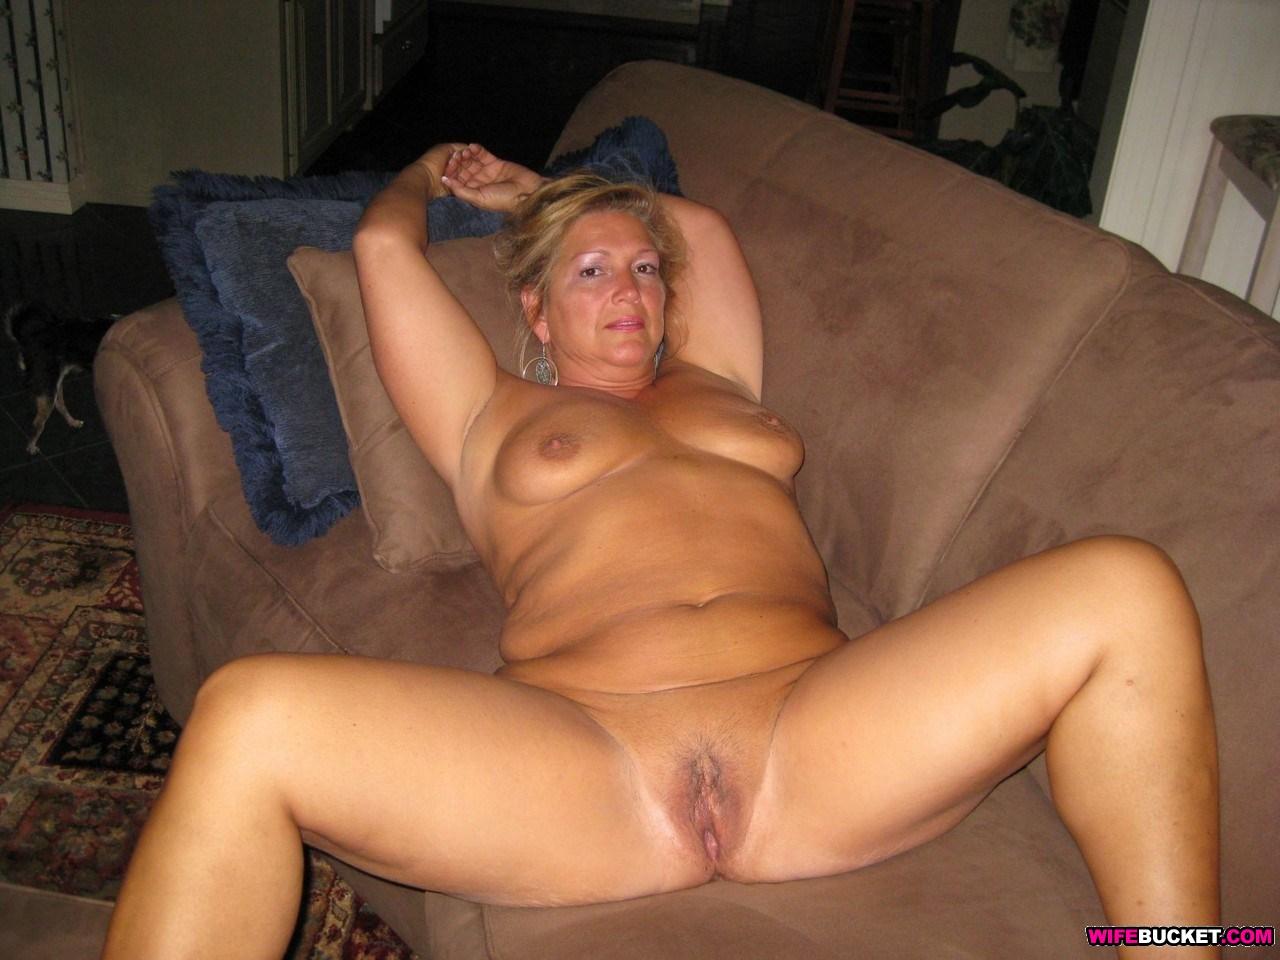 Эротические зрелые тетки, Порно видео зрелых женщин онлайн смотреть бесплатно 1 фотография